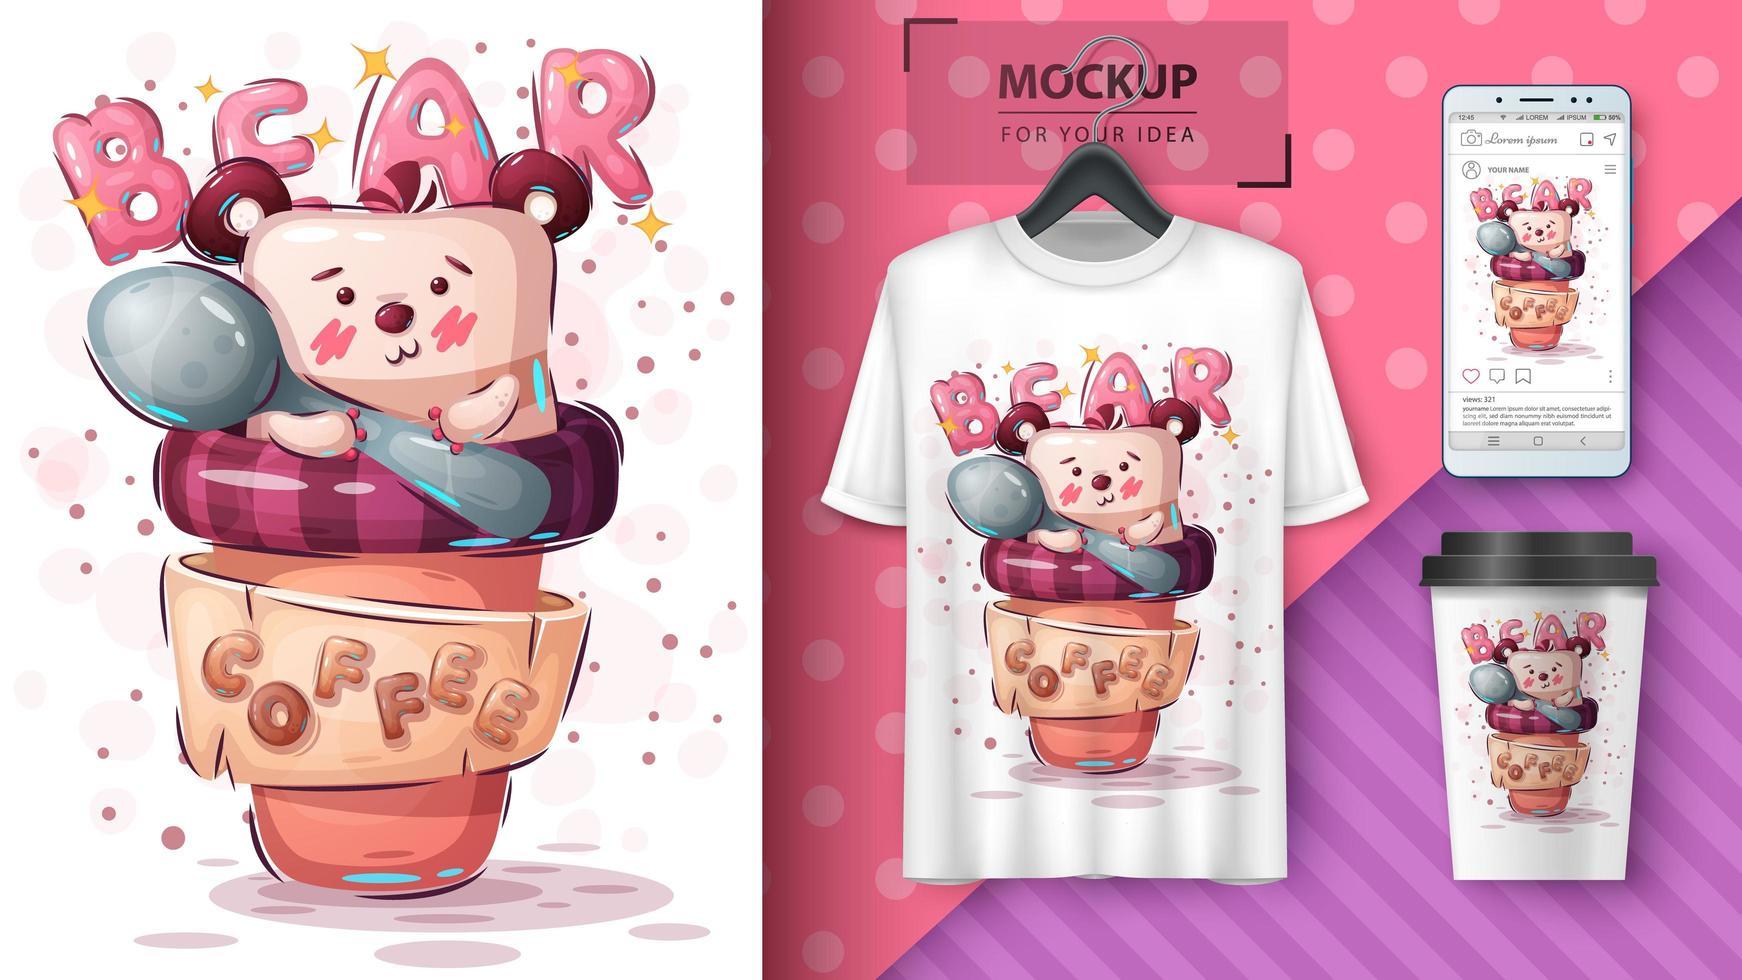 björn i kaffe kopp affisch vektor